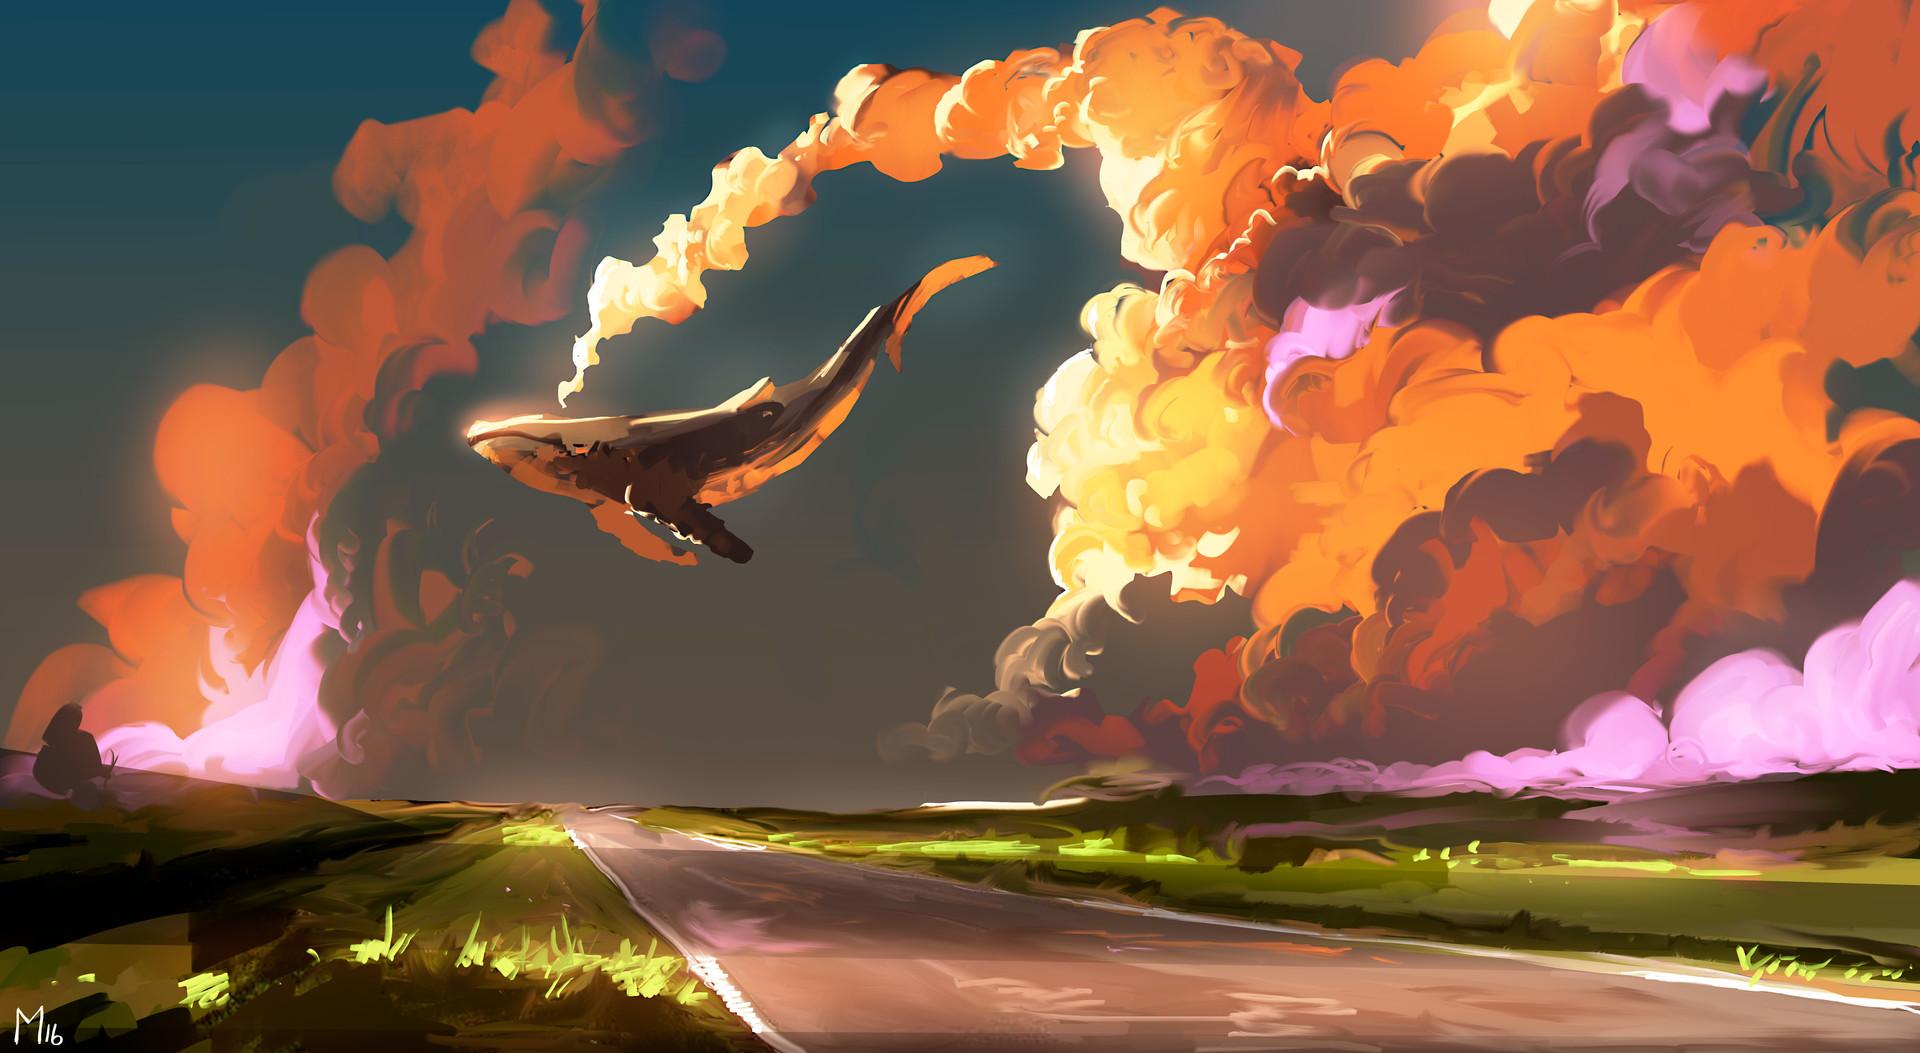 1366x768 Playerunknowns Battlegrounds 4k Art 1366x768: Cloud Sky Whale, Full HD Wallpaper